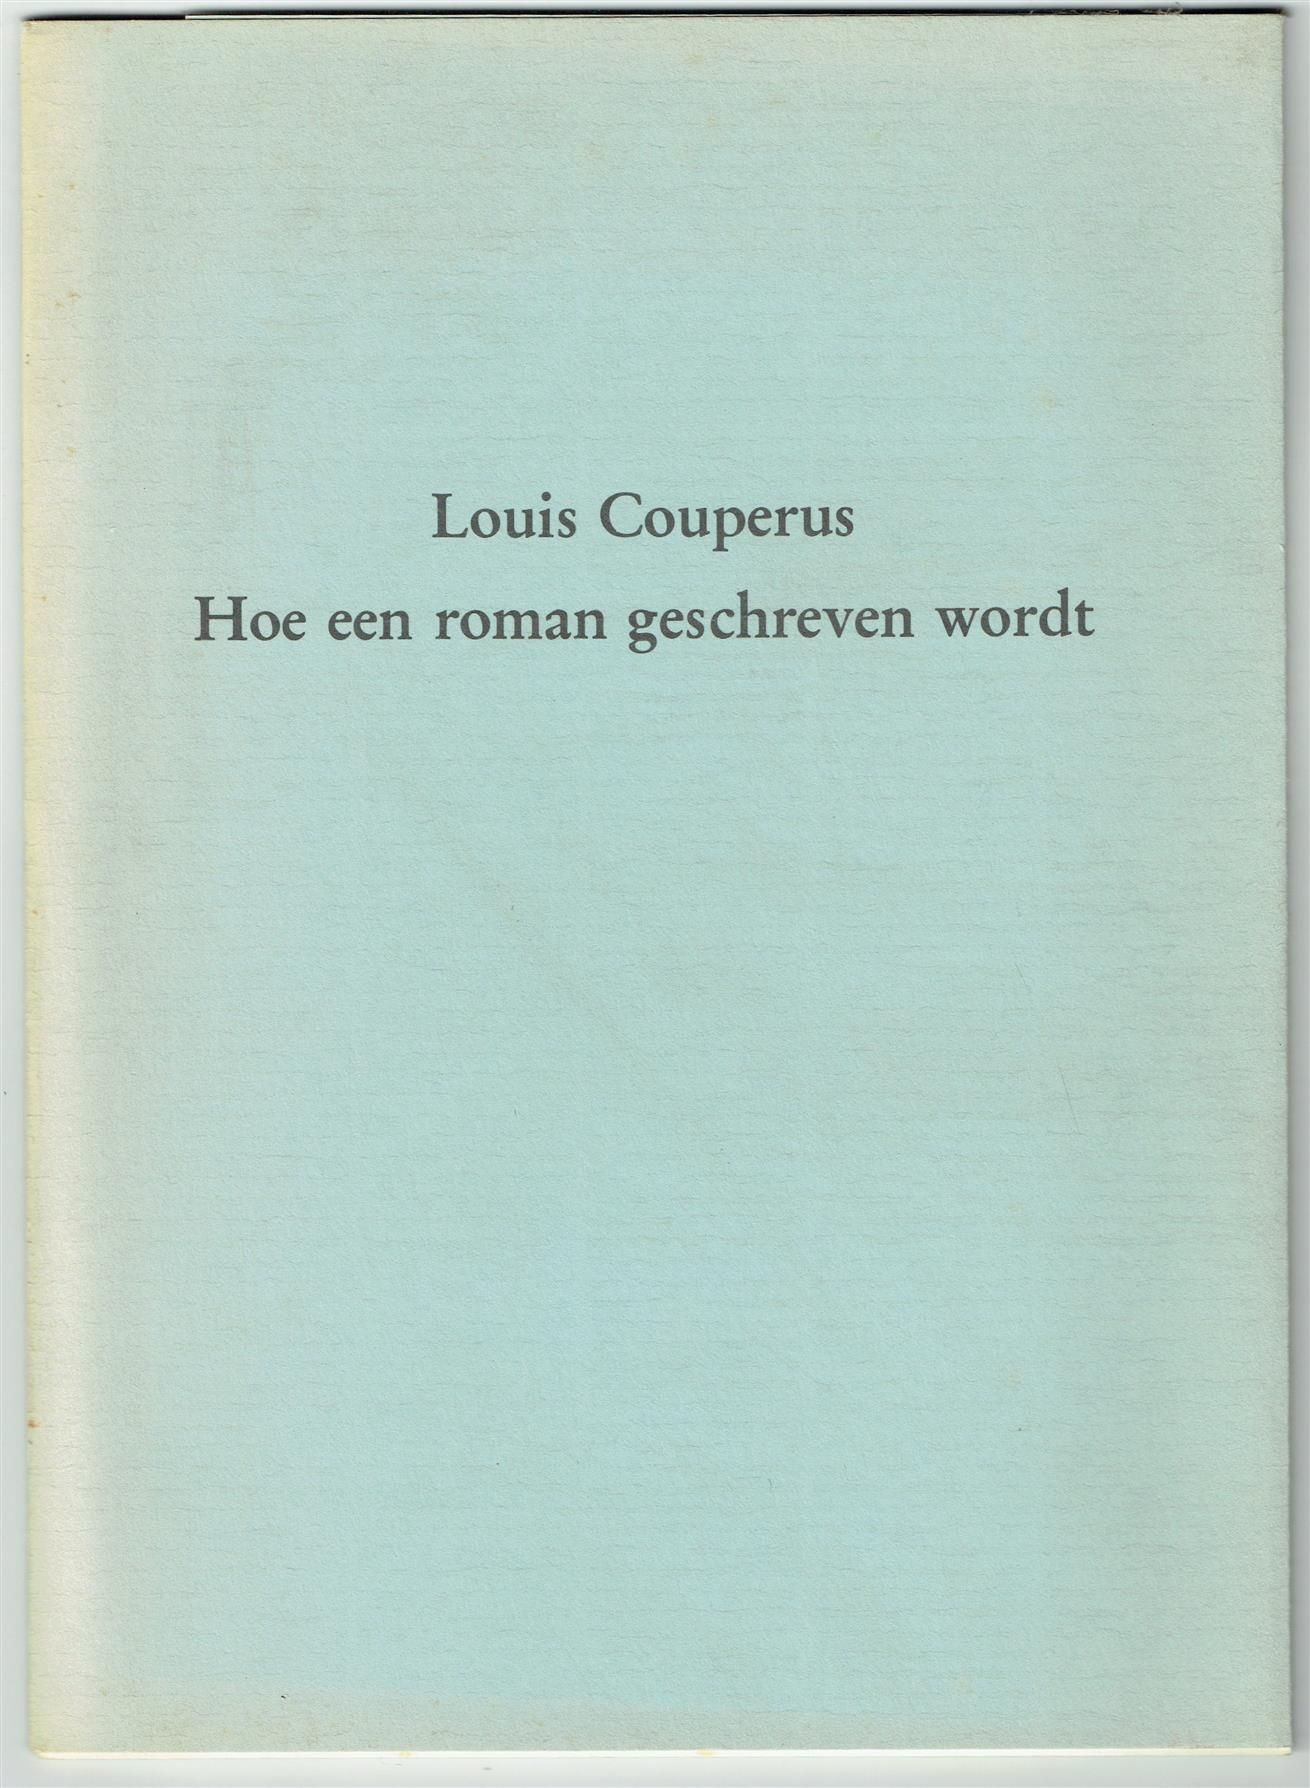 COUPERUS, LOUIS - Hoe een roman geschreven wordt